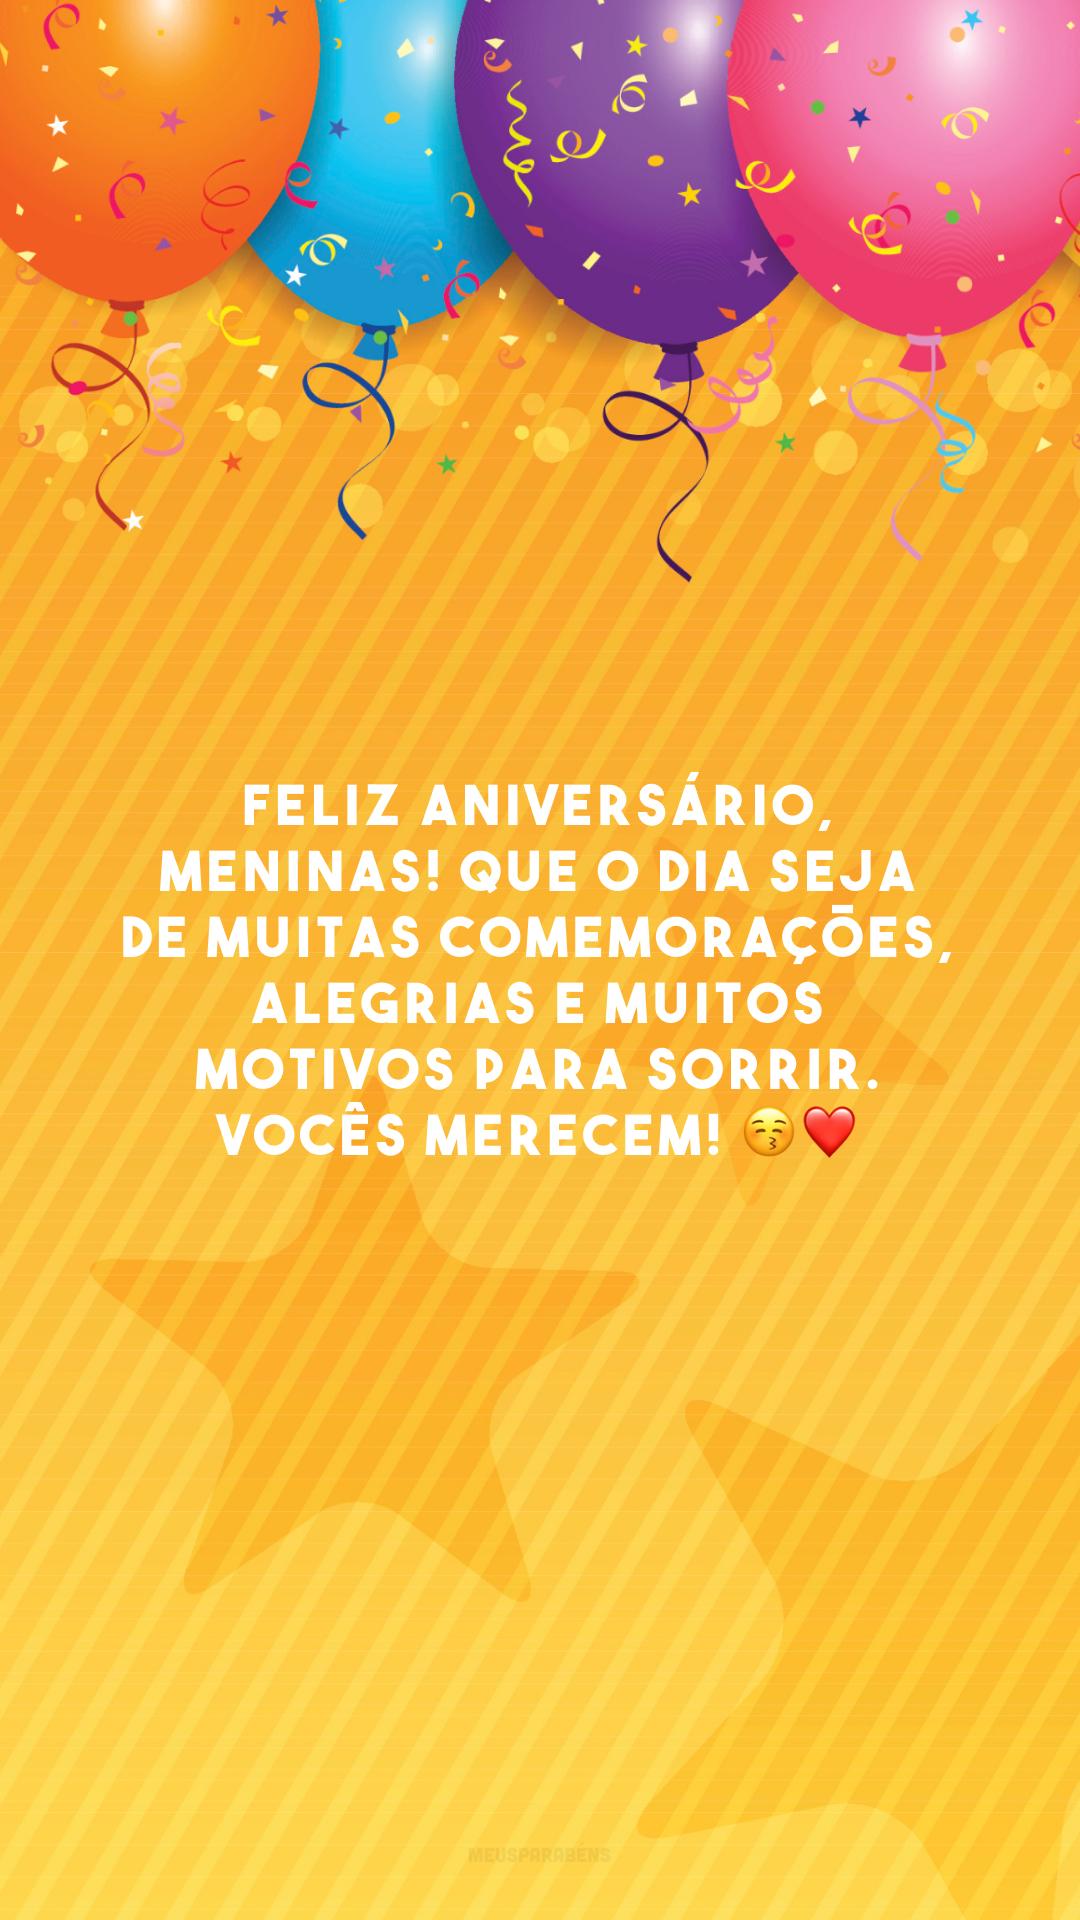 Feliz aniversário, meninas! Que o dia seja de muitas comemorações, alegrias e muitos motivos para sorrir. Vocês merecem! 😚❤️